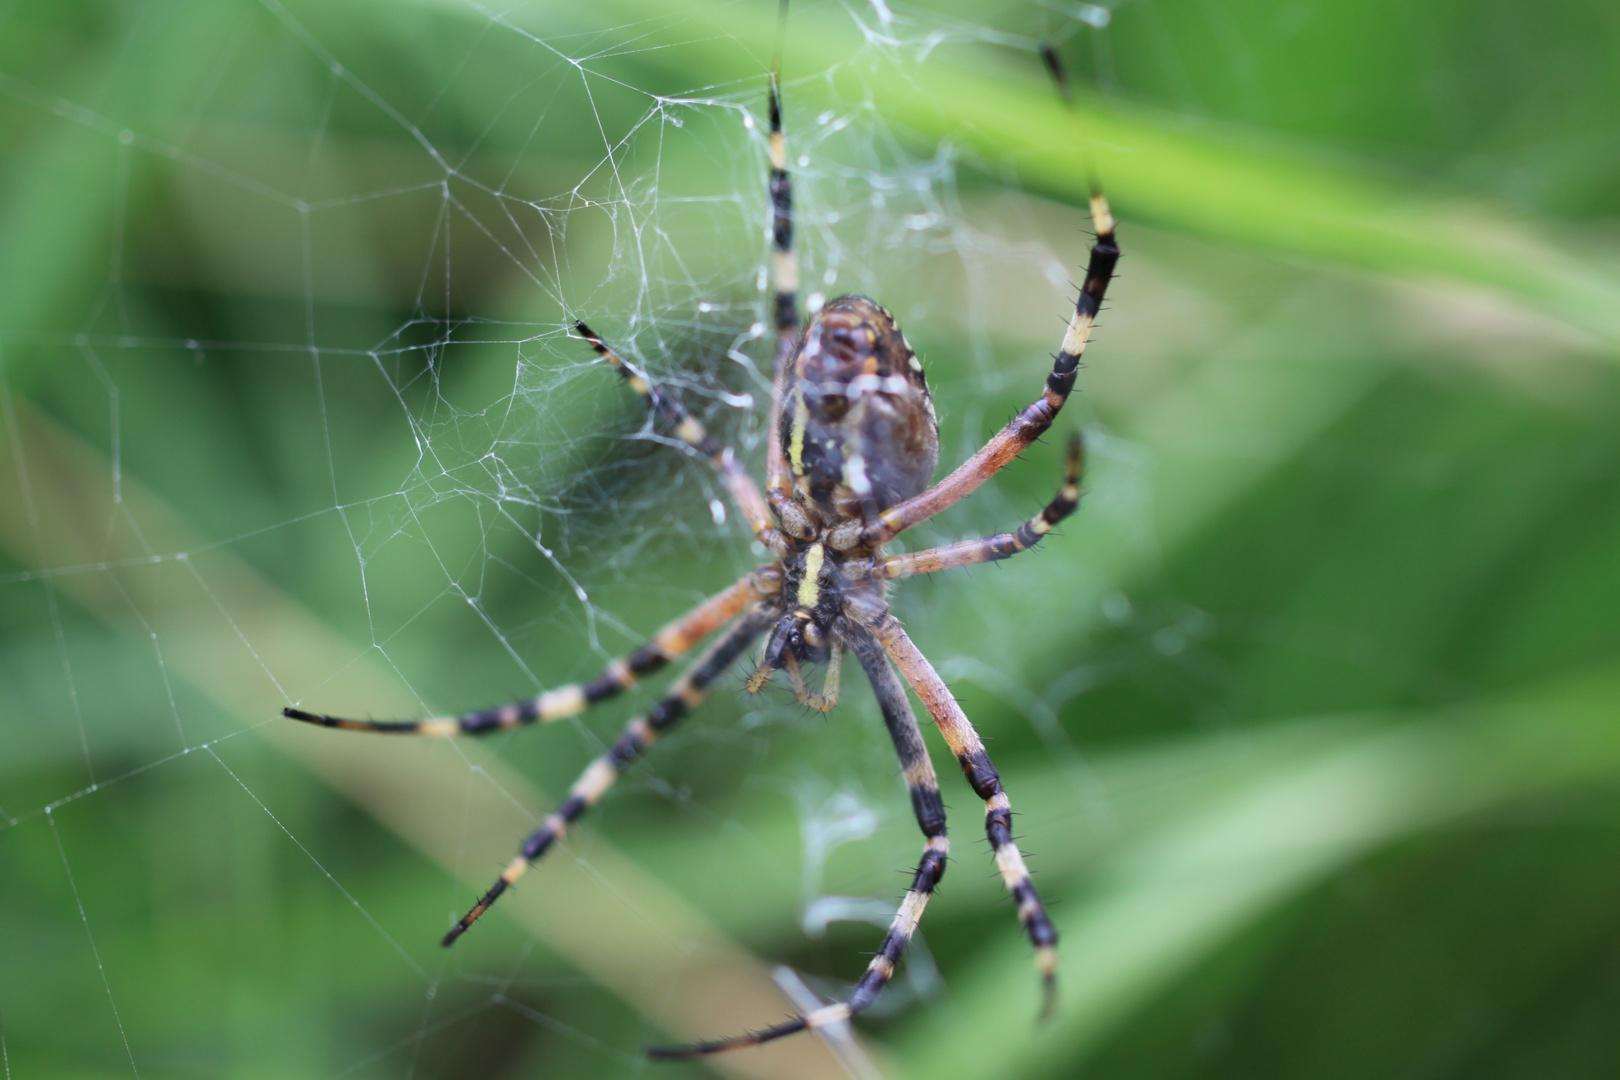 Spinne Gelb-Schwarz gestreift im Netz